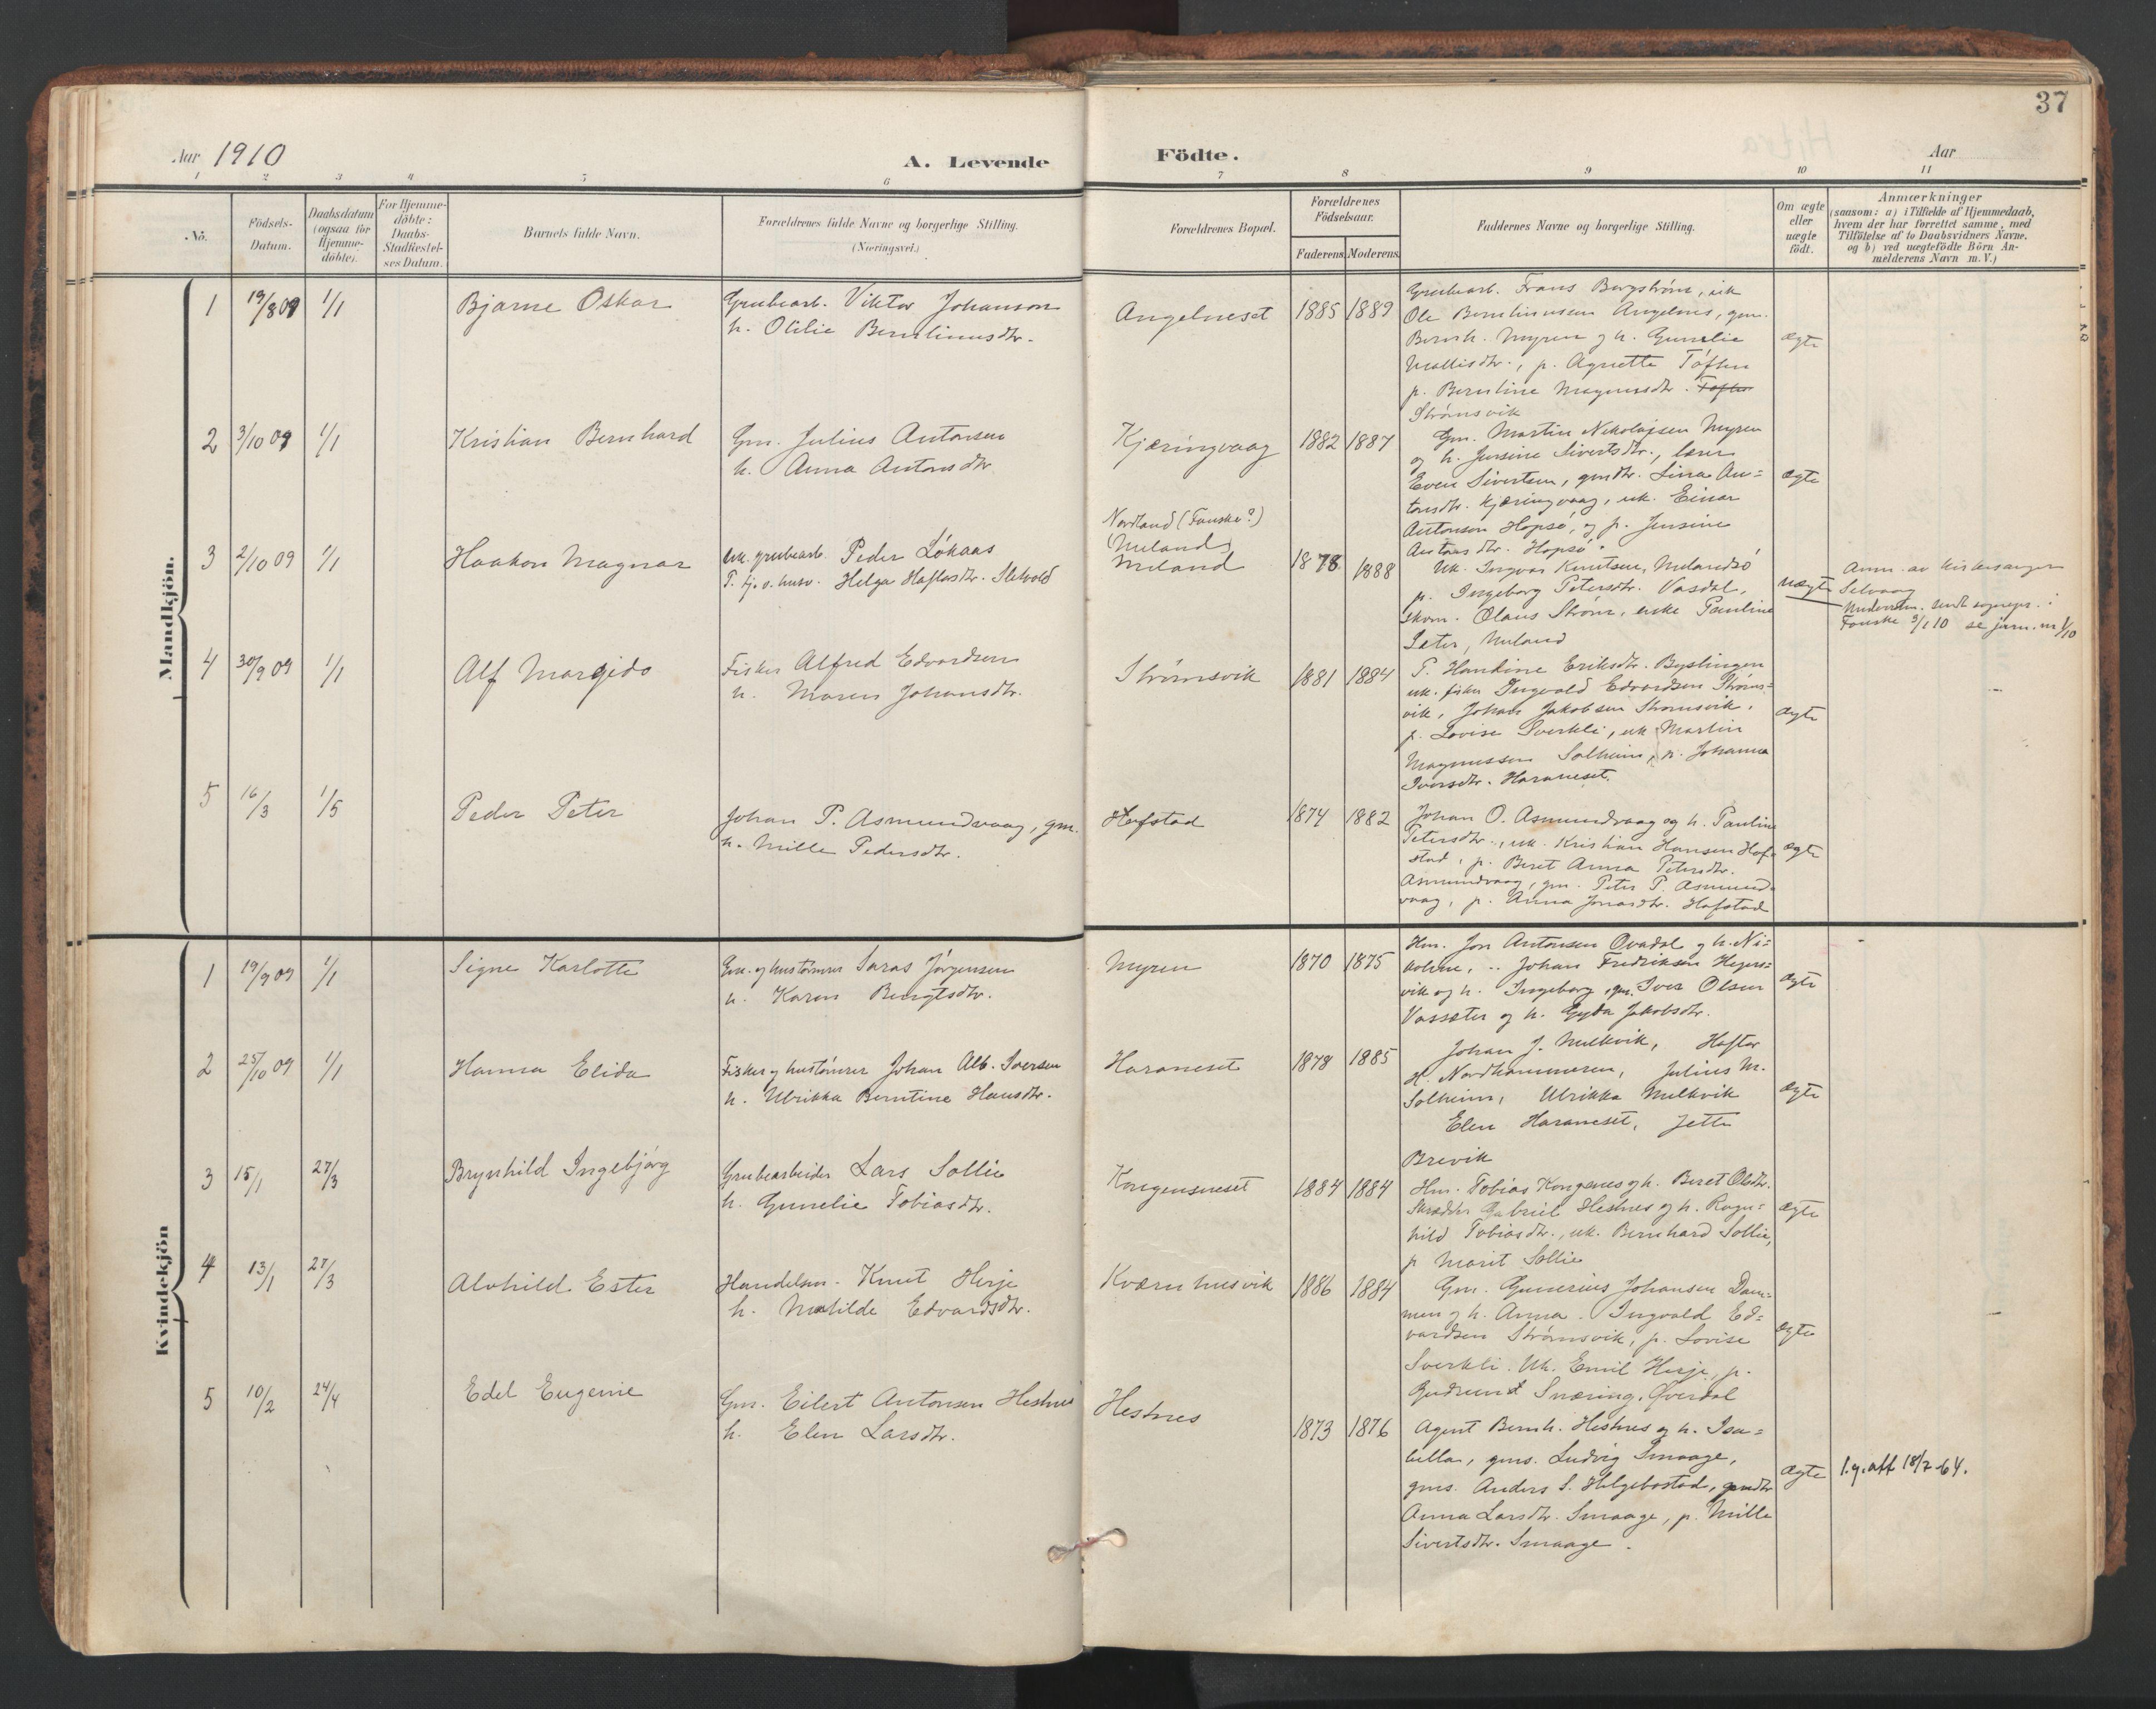 SAT, Ministerialprotokoller, klokkerbøker og fødselsregistre - Sør-Trøndelag, 634/L0537: Ministerialbok nr. 634A13, 1896-1922, s. 37